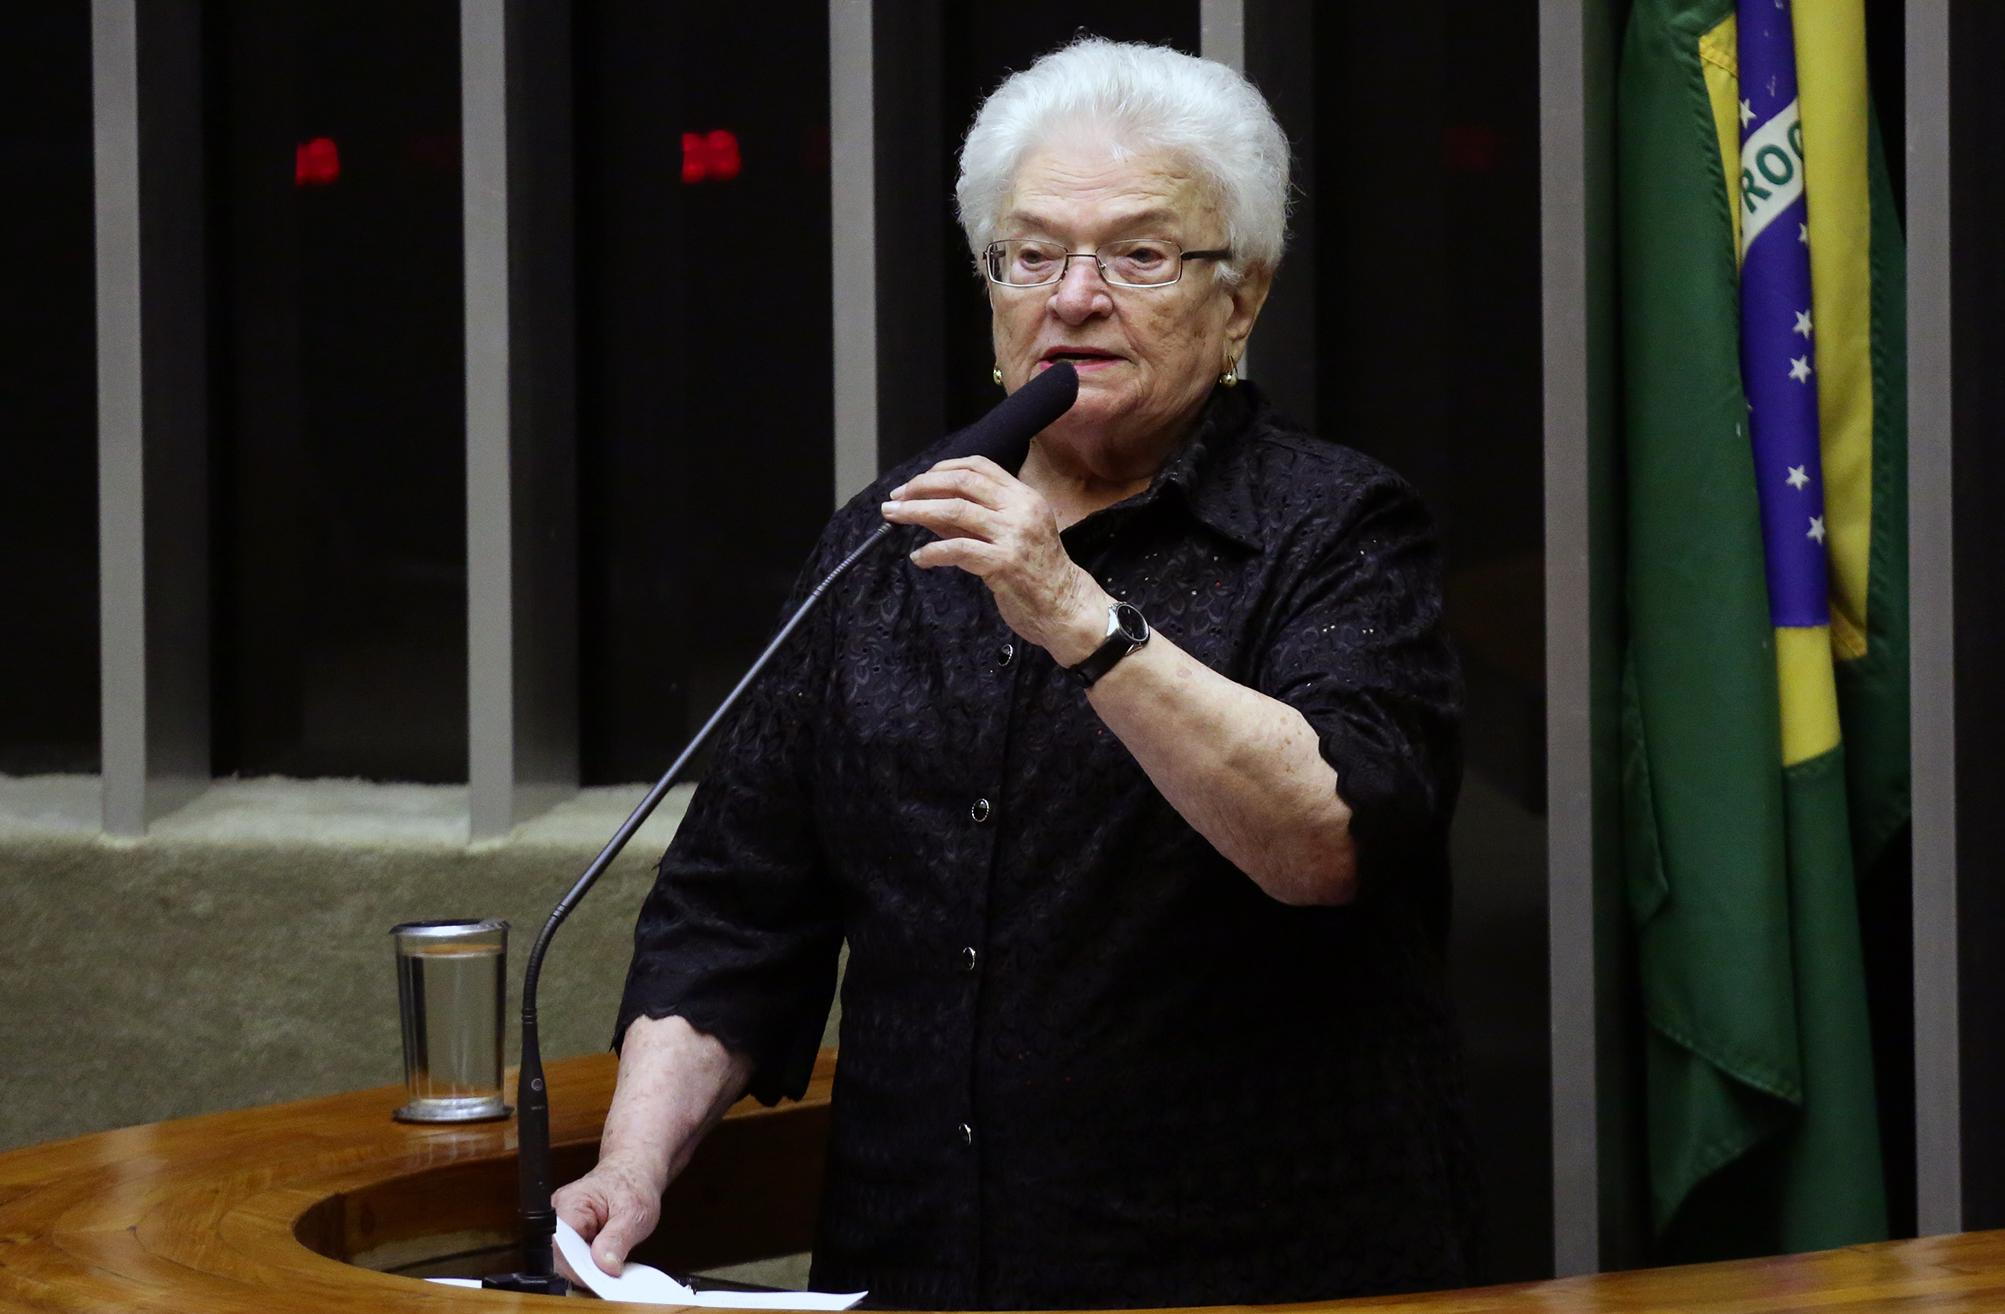 Homenagem à vereadora do PSOL, Marielle Franco, morta ontem no Rio de Janeiro. Dep. Luiza Erundina (PSOL - SP)